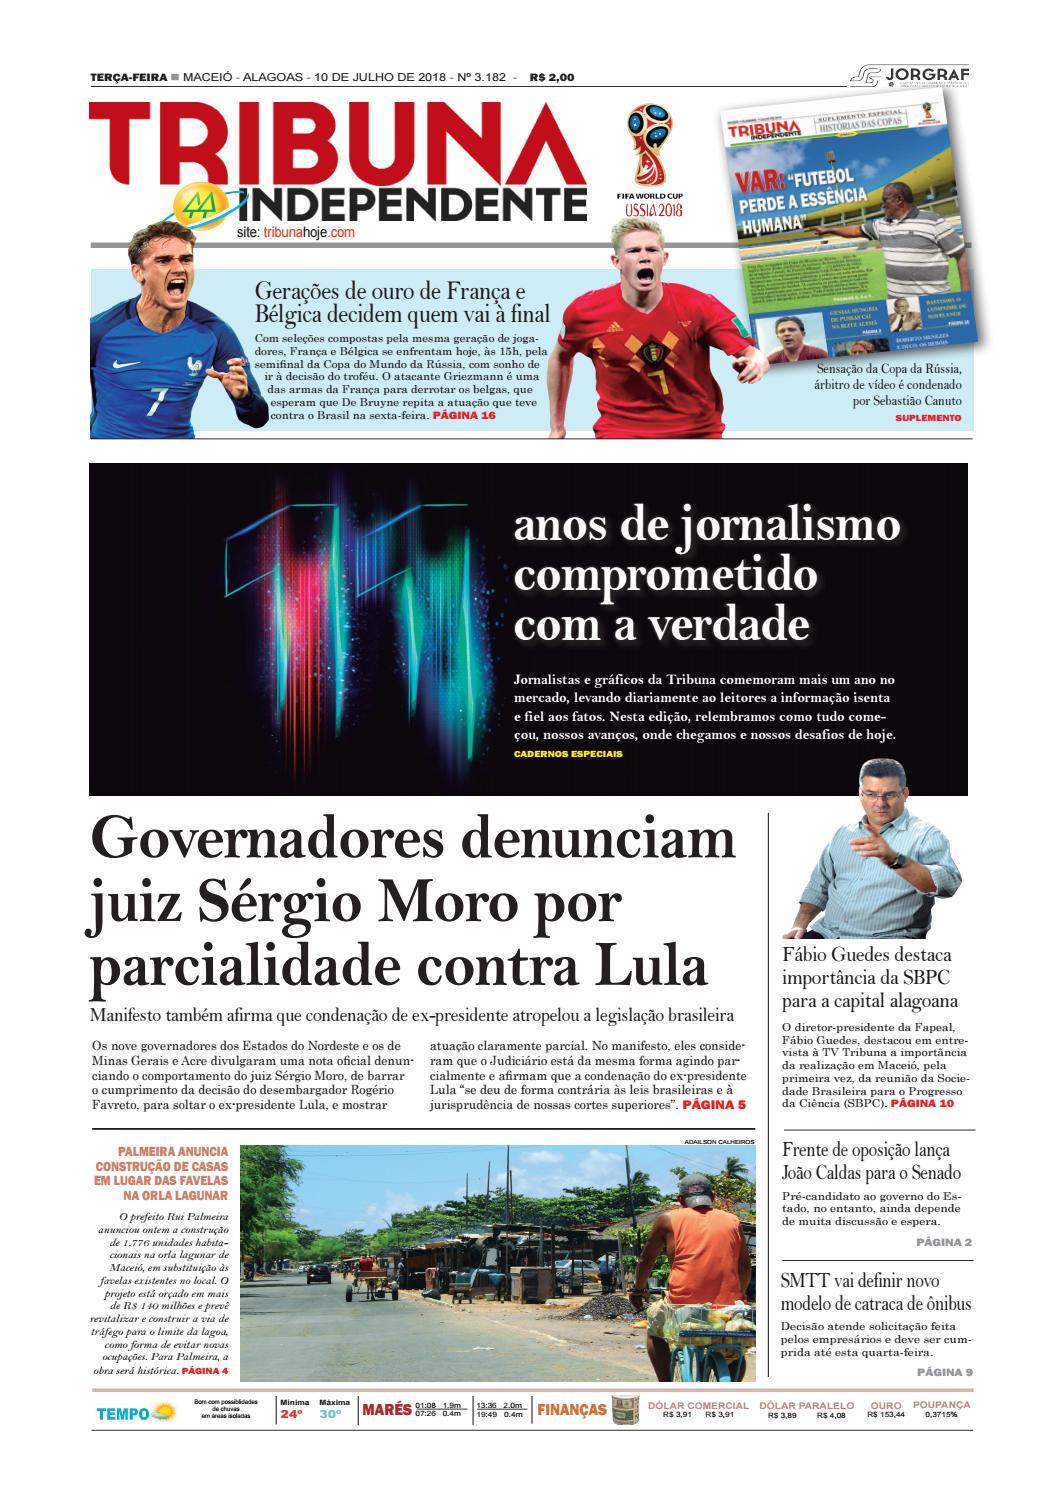 0501efa55 Edição número 3182 - 10 de julho de 2018 by Tribuna Hoje - issuu